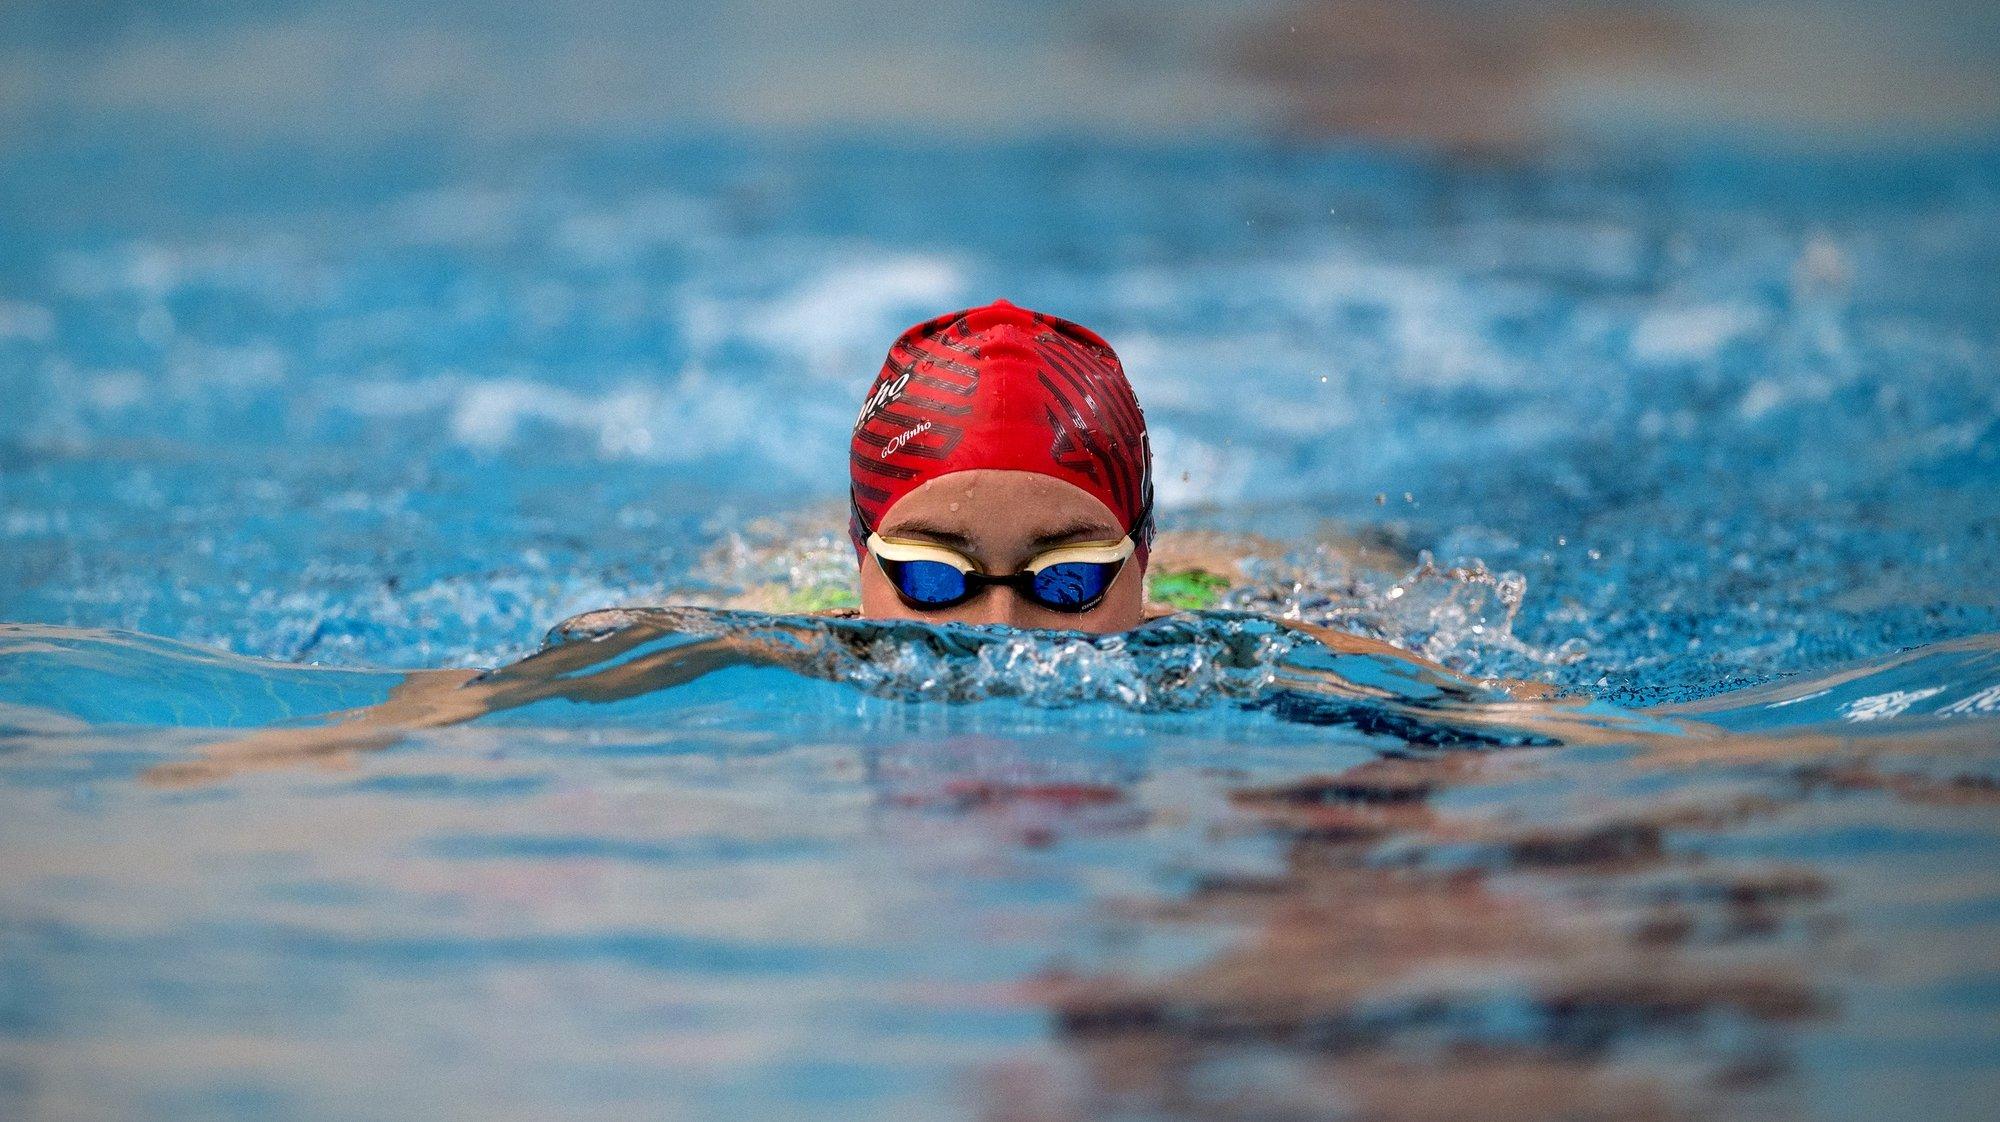 A nadadora portuguesa Tamila Holub durante uma entrevista à Agência Lusa a propósito da data em que se assinalam 100 dias para os Jogos Olímpicos, Braga, 10 de abril de 2021. (ACOMPANHA TEXTO 13 ABRIL 2021) JOSÉ COELHO/LUSA